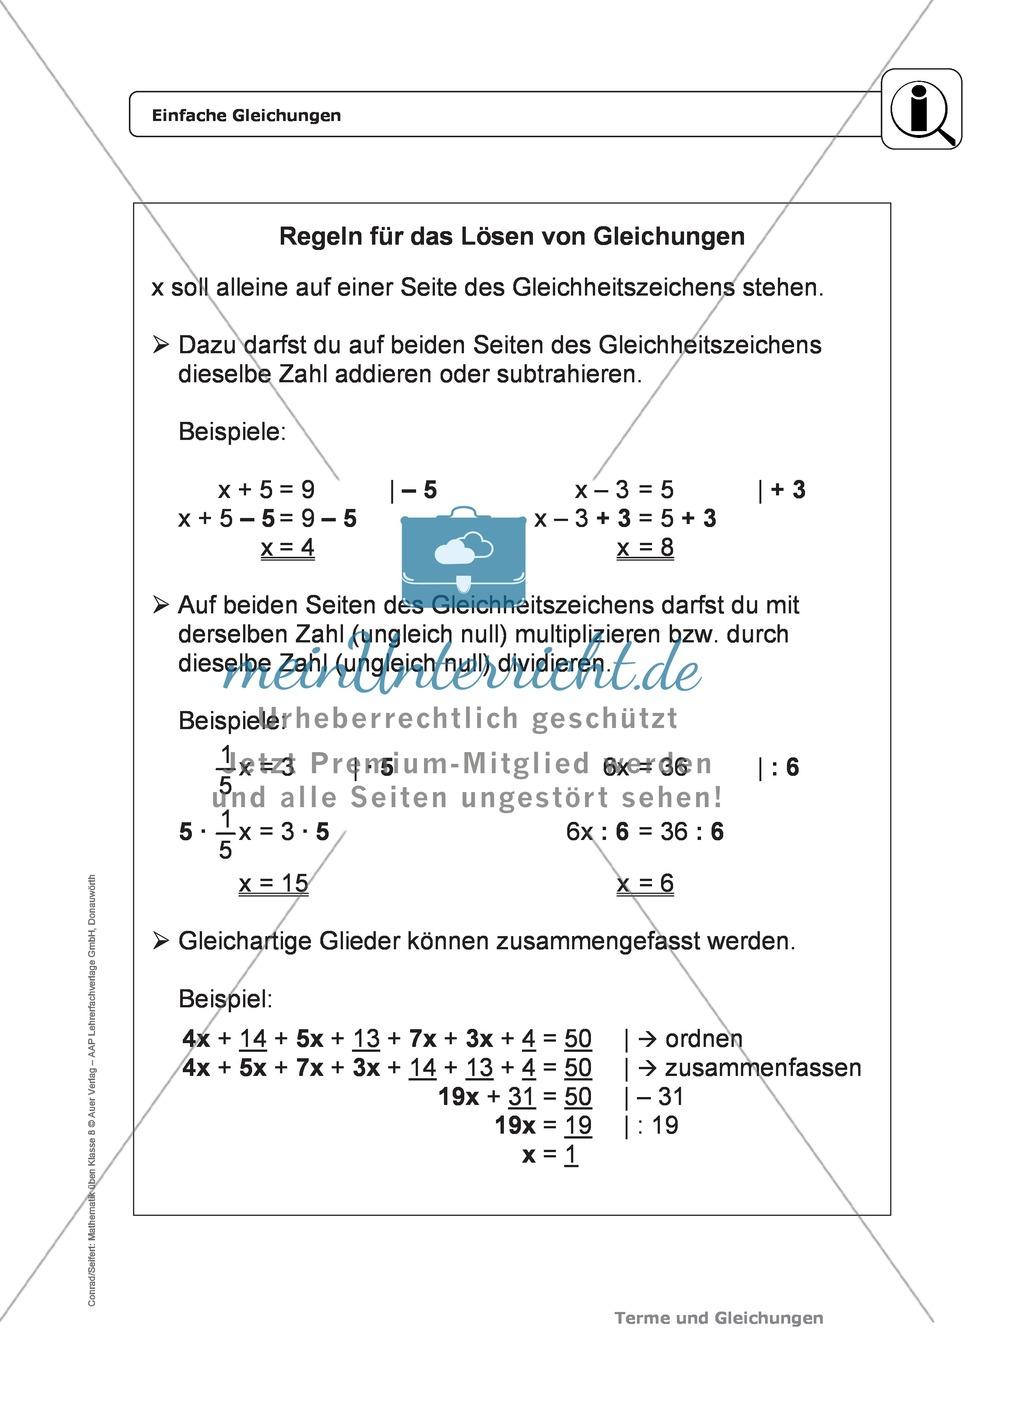 Einführung in lineare Gleichungen - meinUnterricht